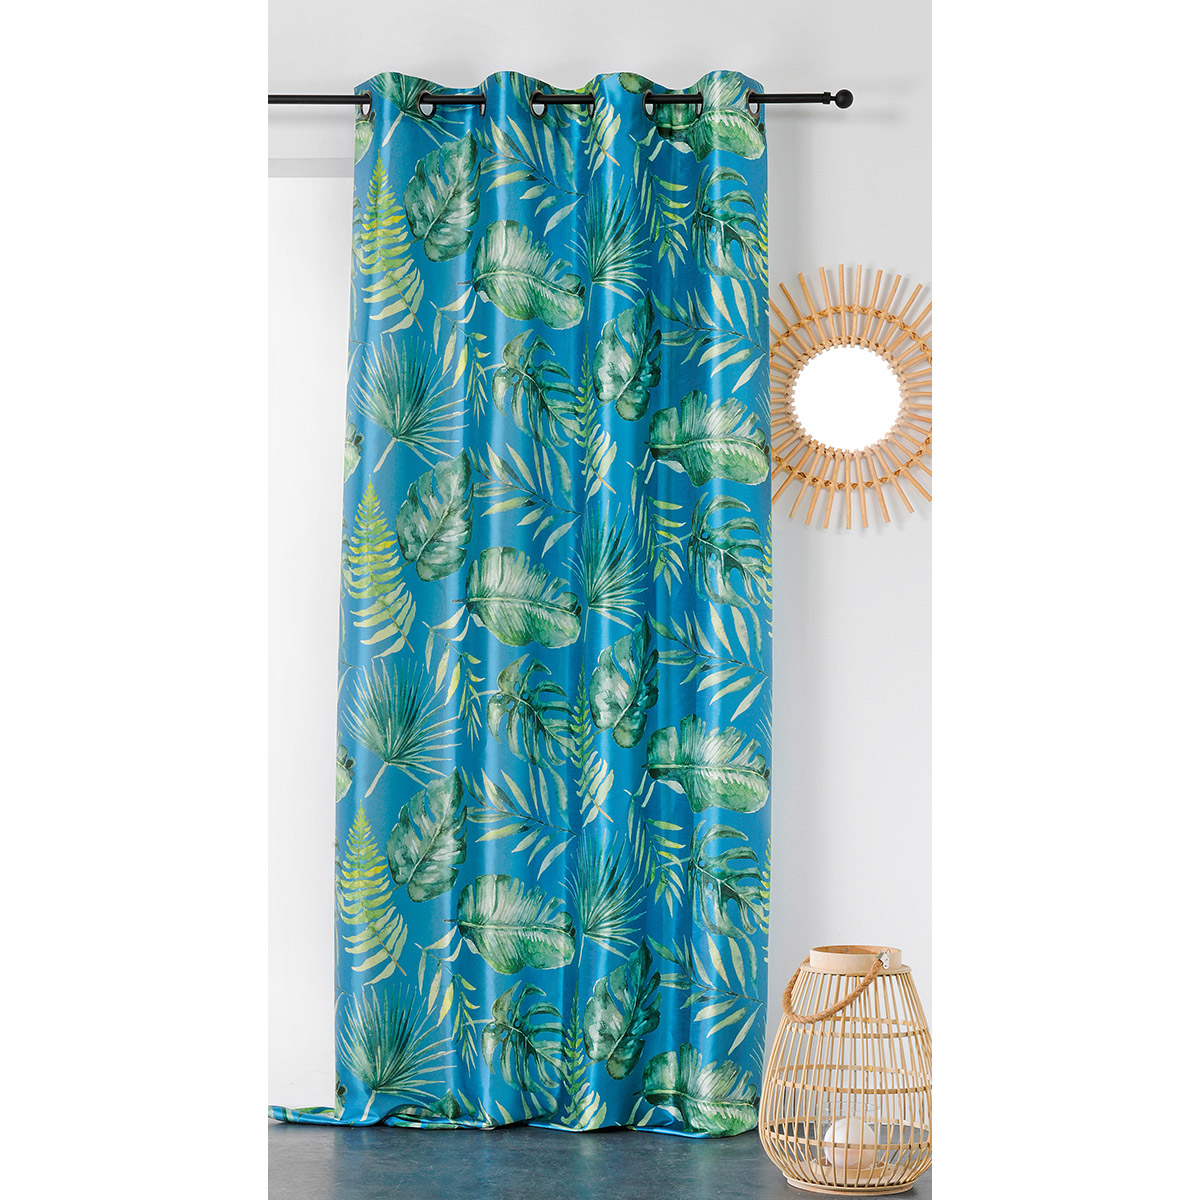 Cortina con impresiones vegetales (Azul)